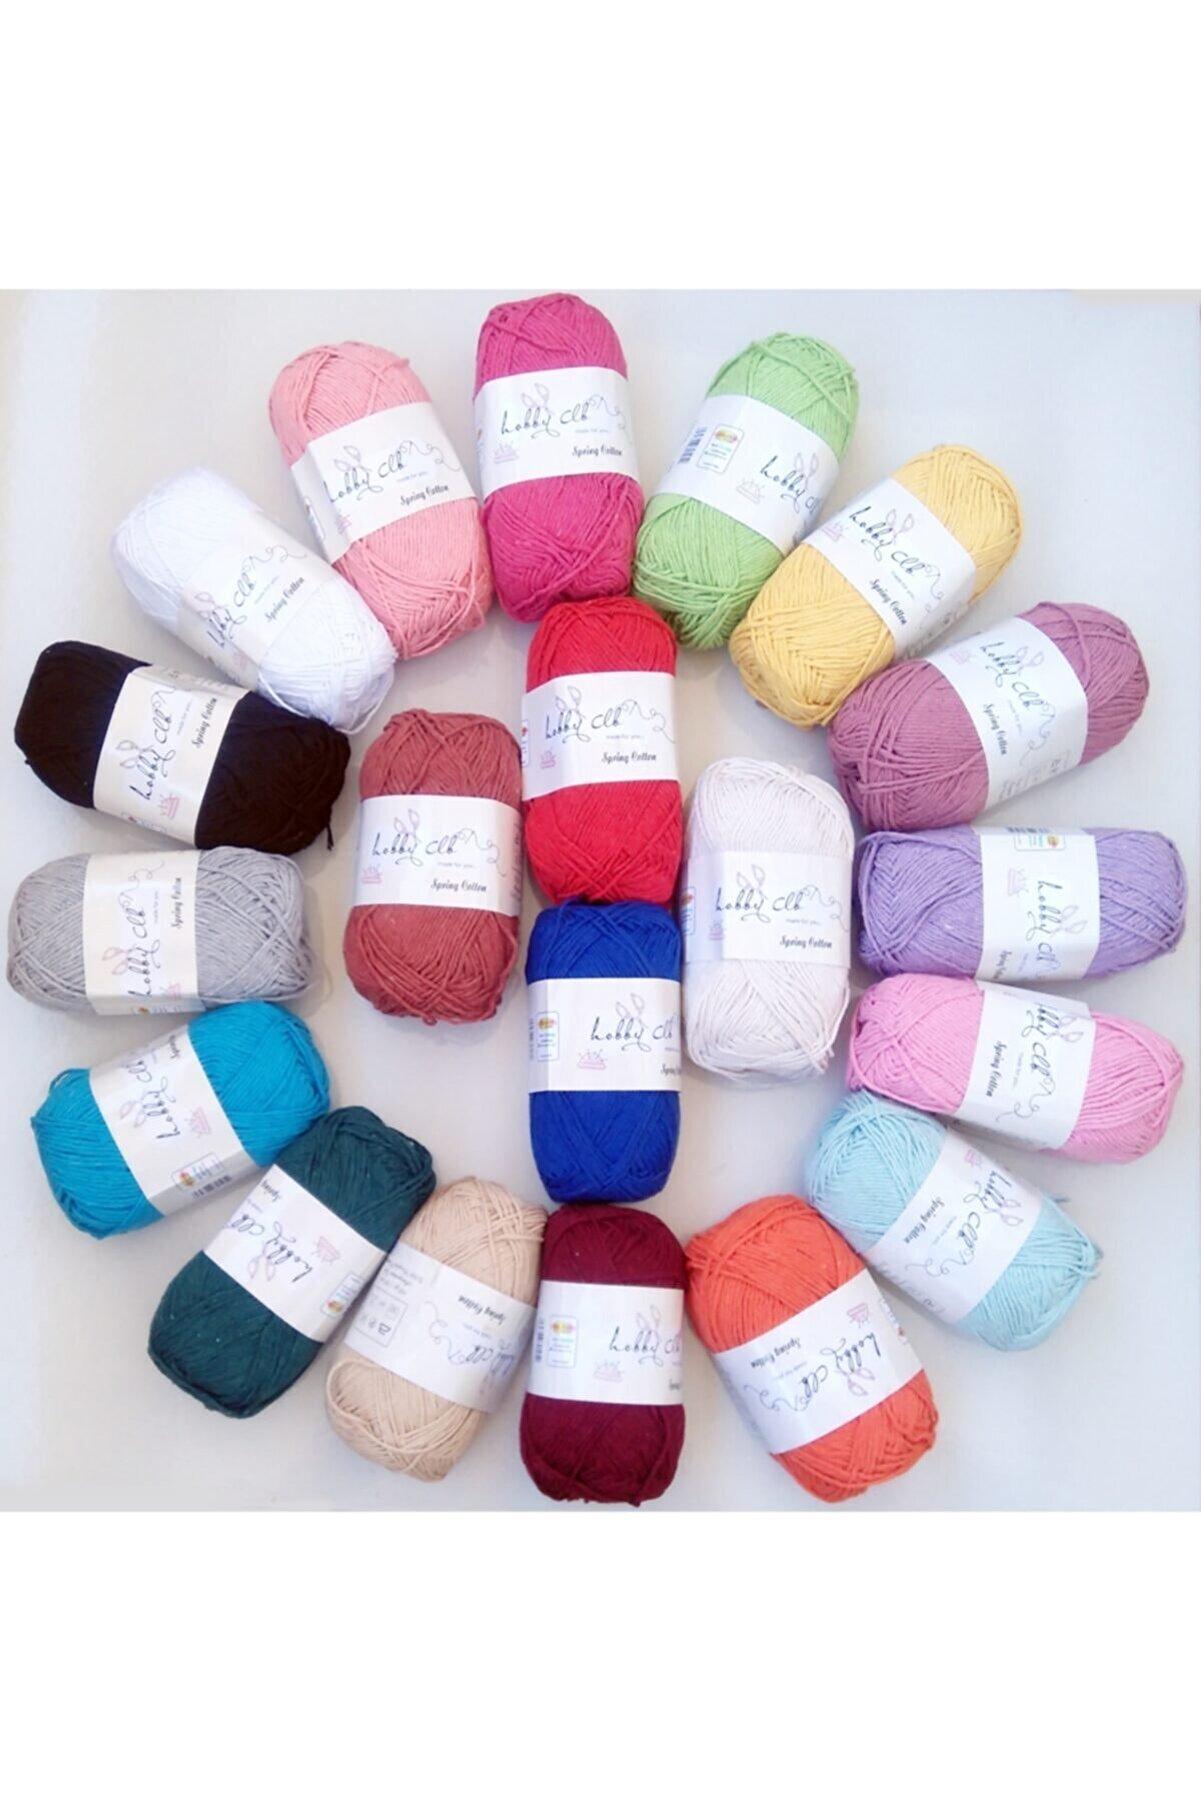 Kezban Tekstil %100 Pamuk Punch (PANÇ) Ve Amigurumi Ipi Seti 20 Adet